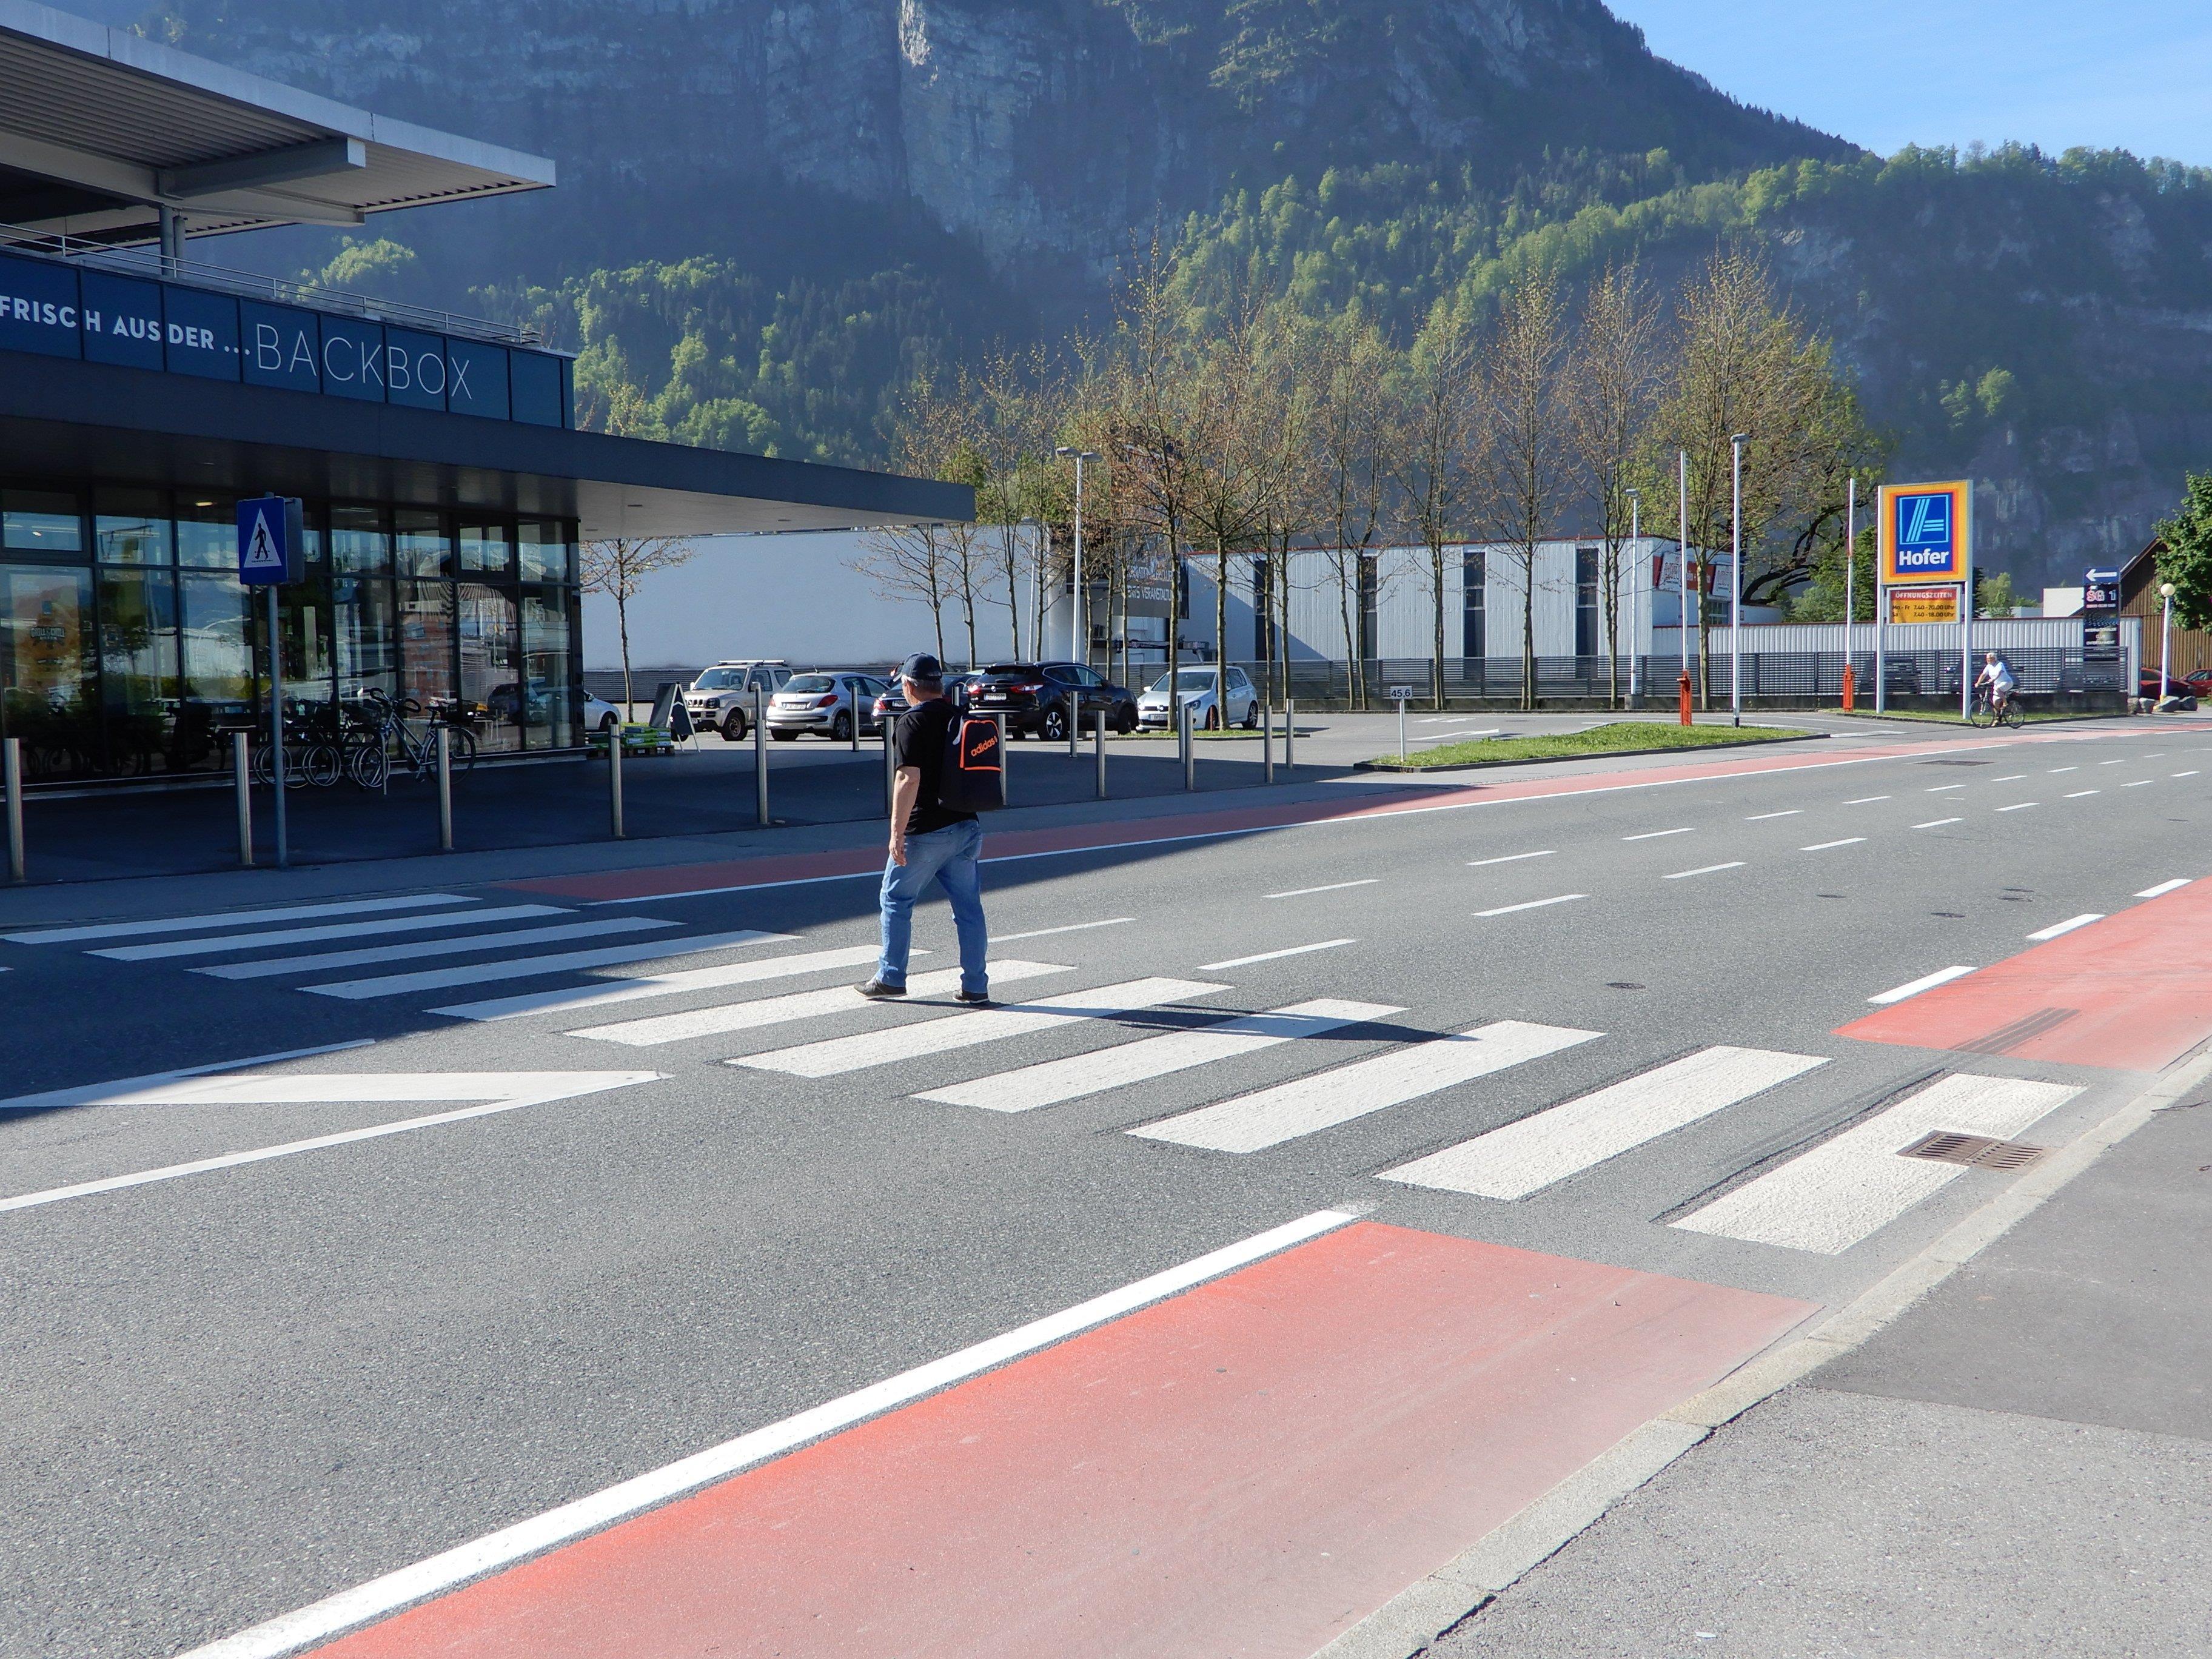 Laut der Abteilung Straßenbau beim Land ist der Schutzweg im Wallenmahd ausreichend gesichert.